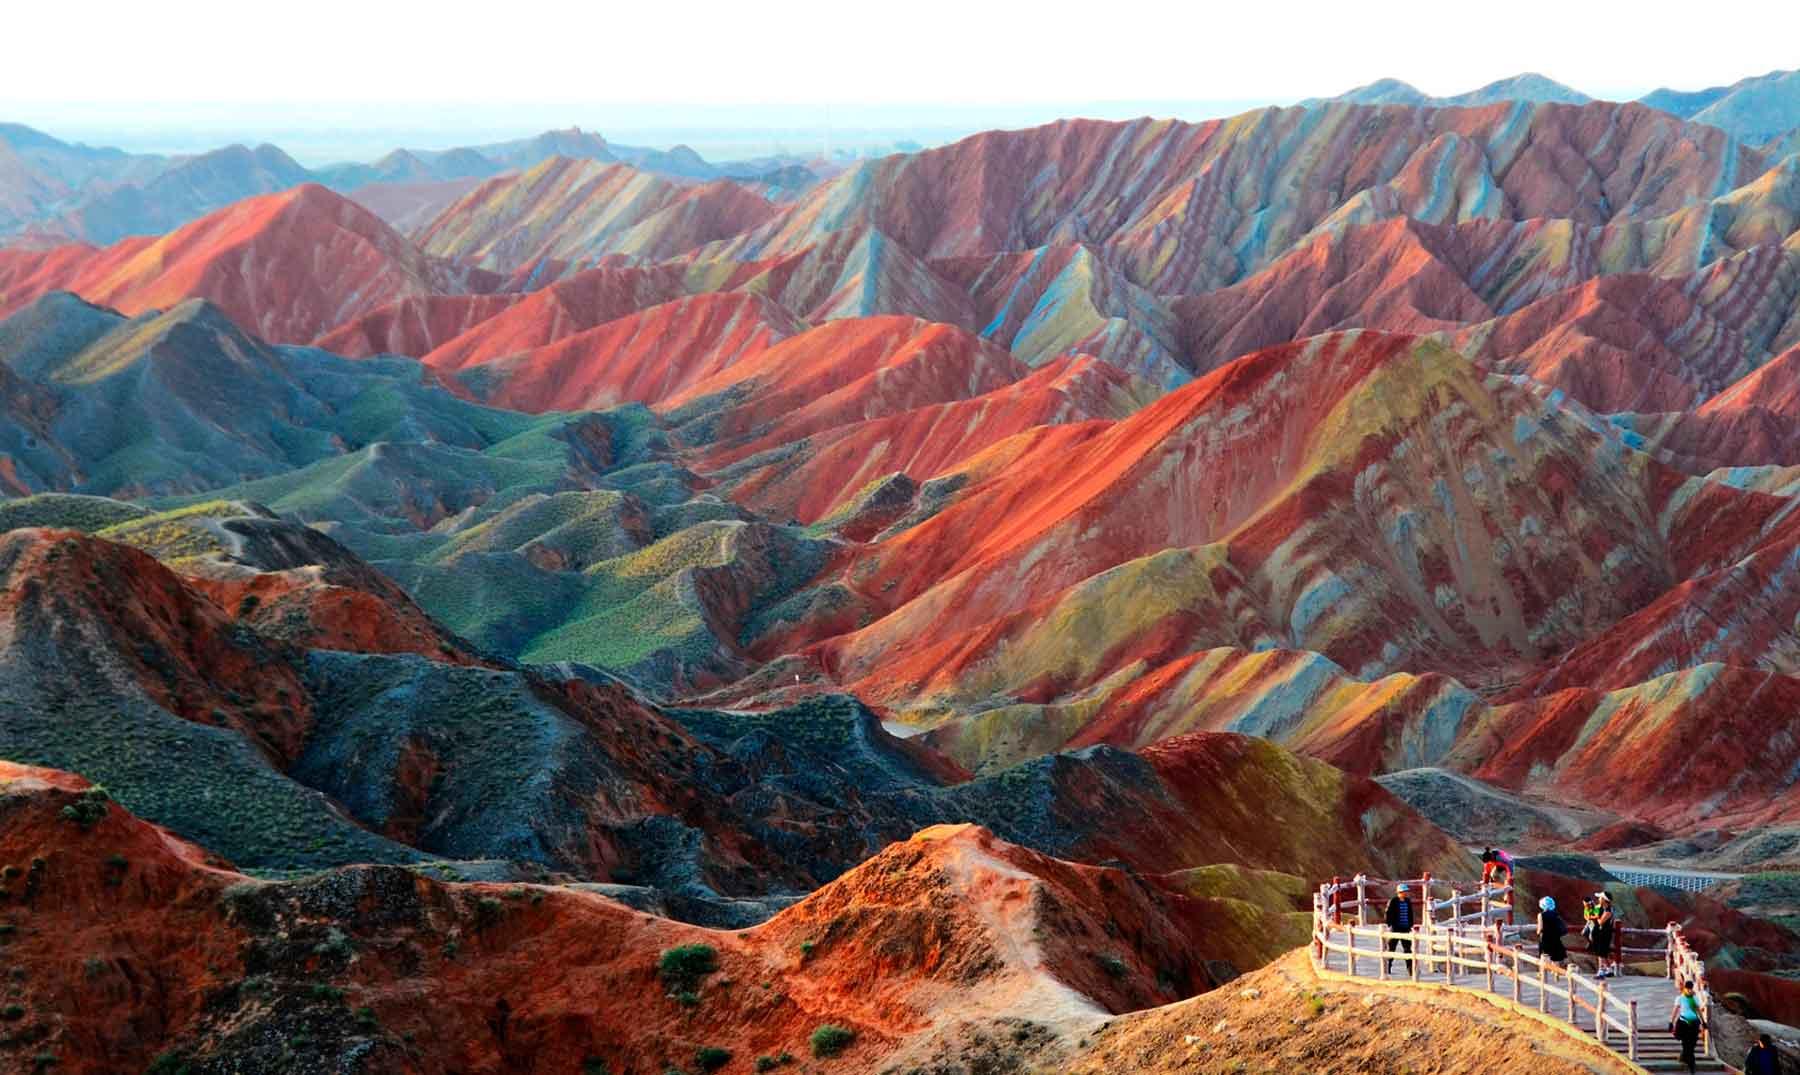 Las asombrosas montañas de colores de Zhangye Danxia